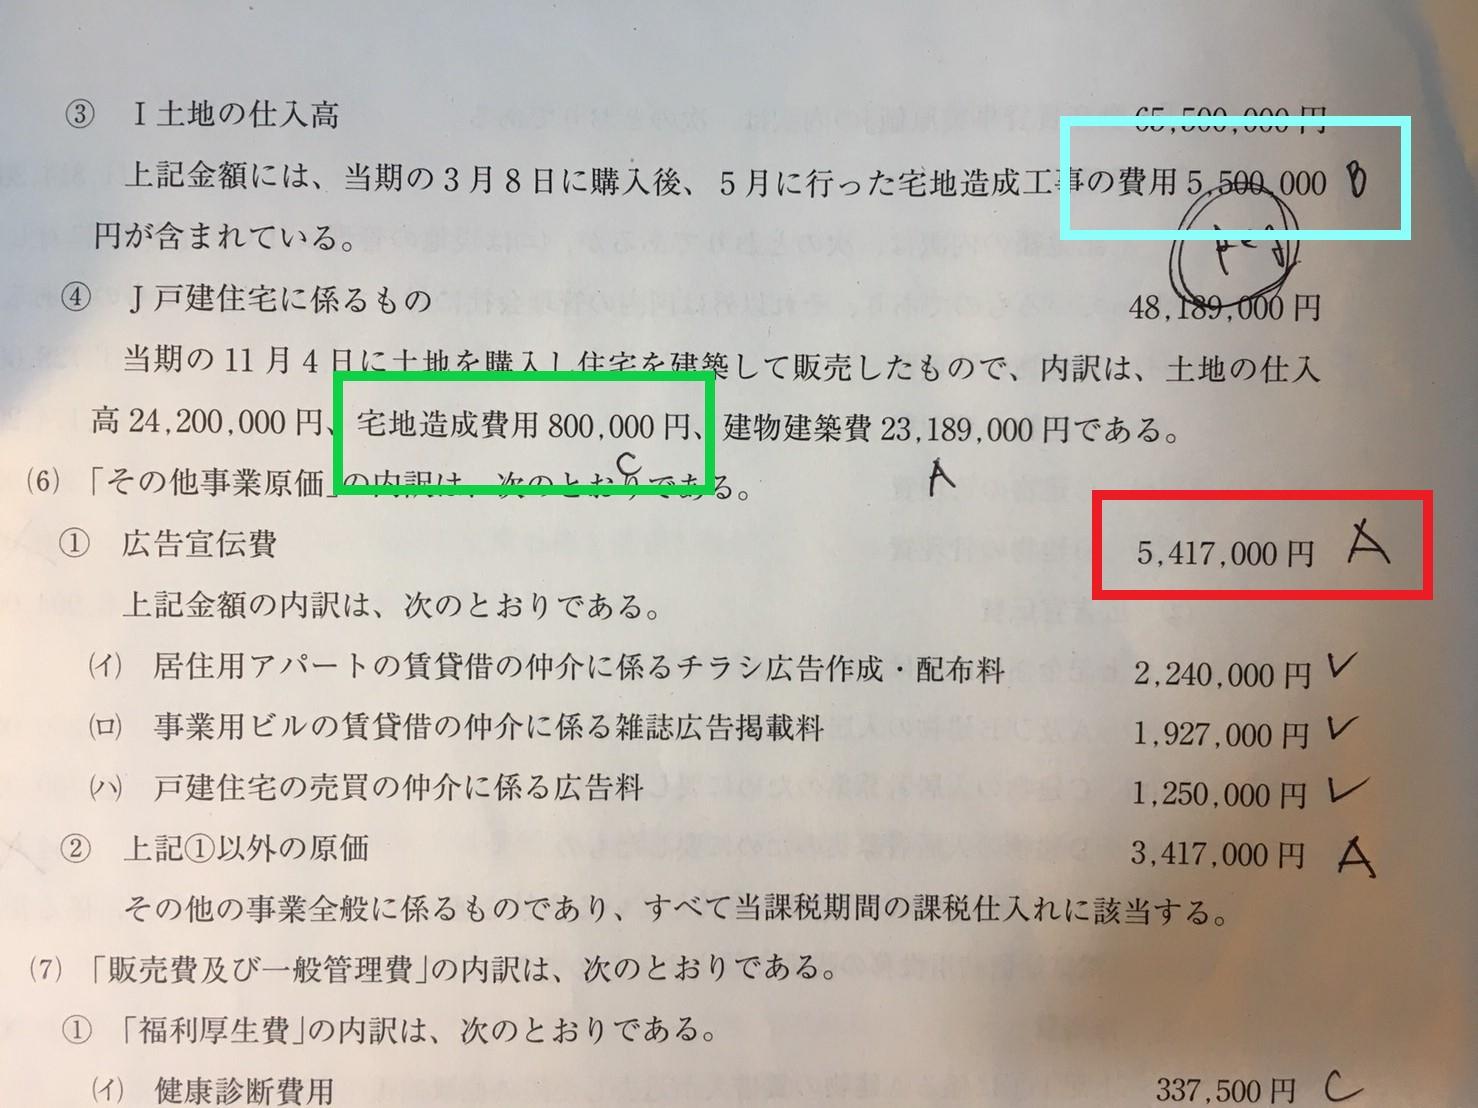 課税仕入れの仕入区分の記載例